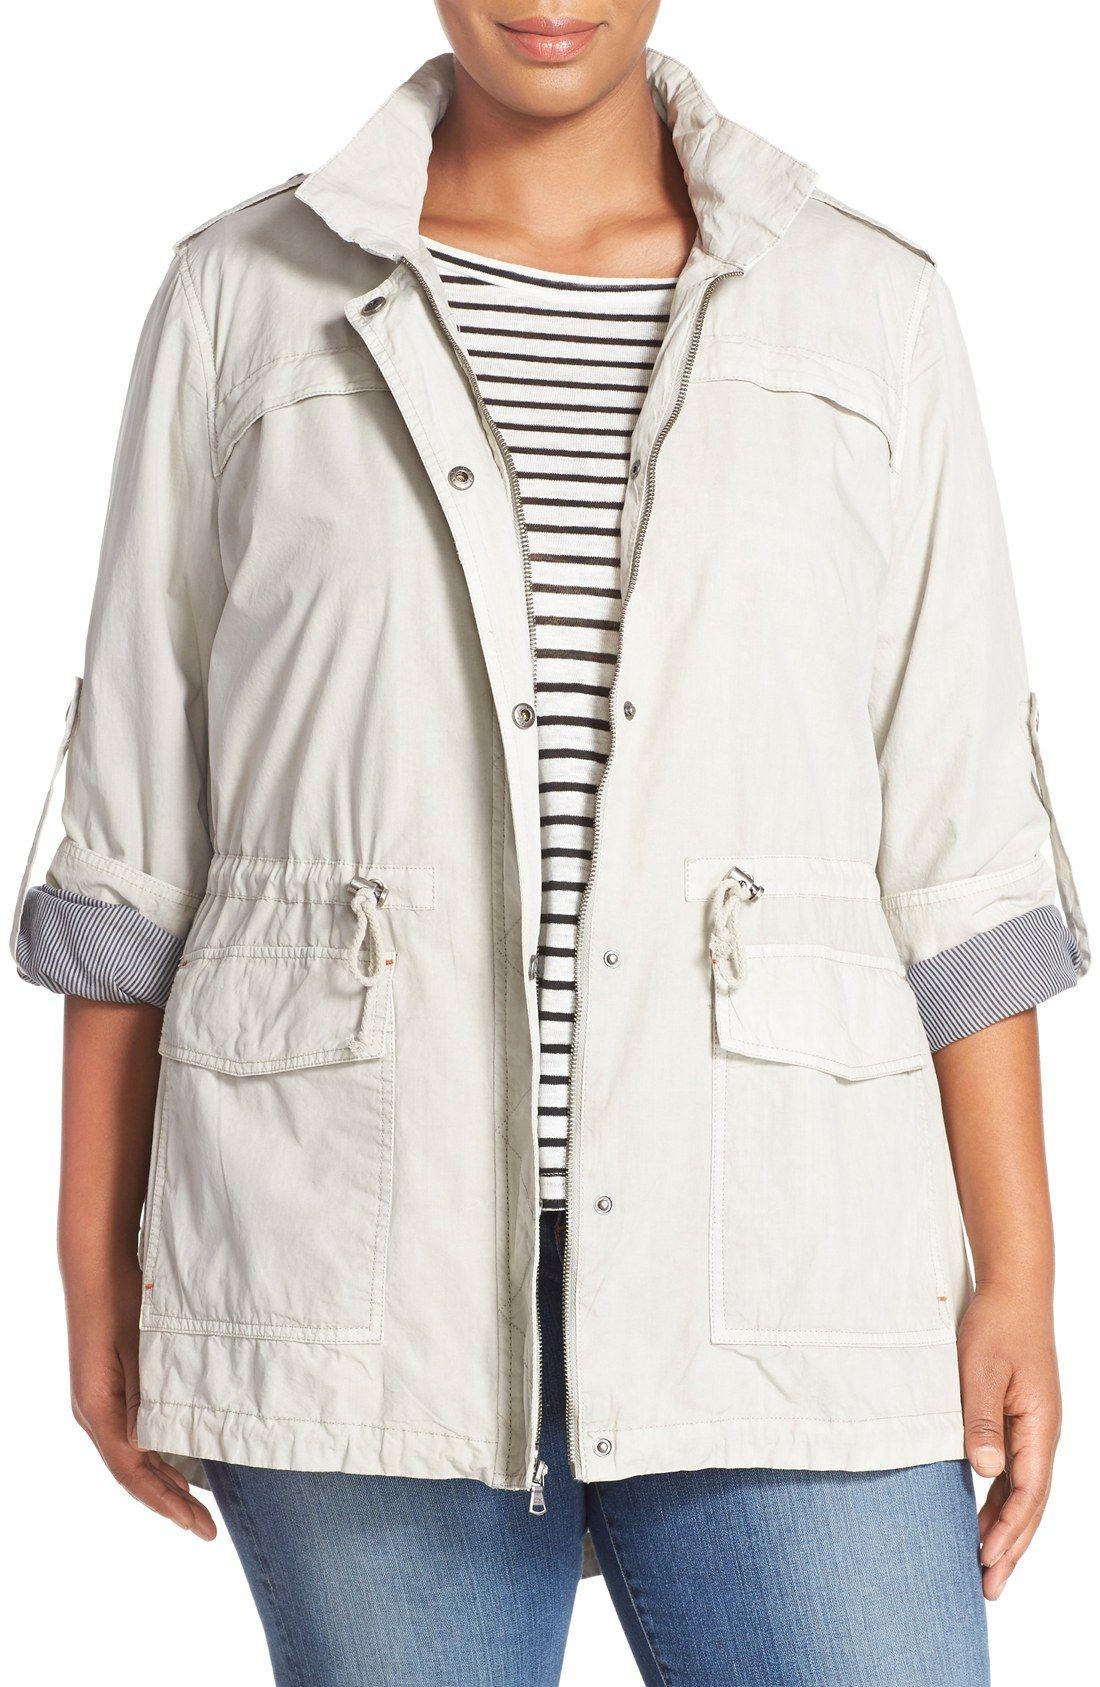 Women's cotton utility jacket